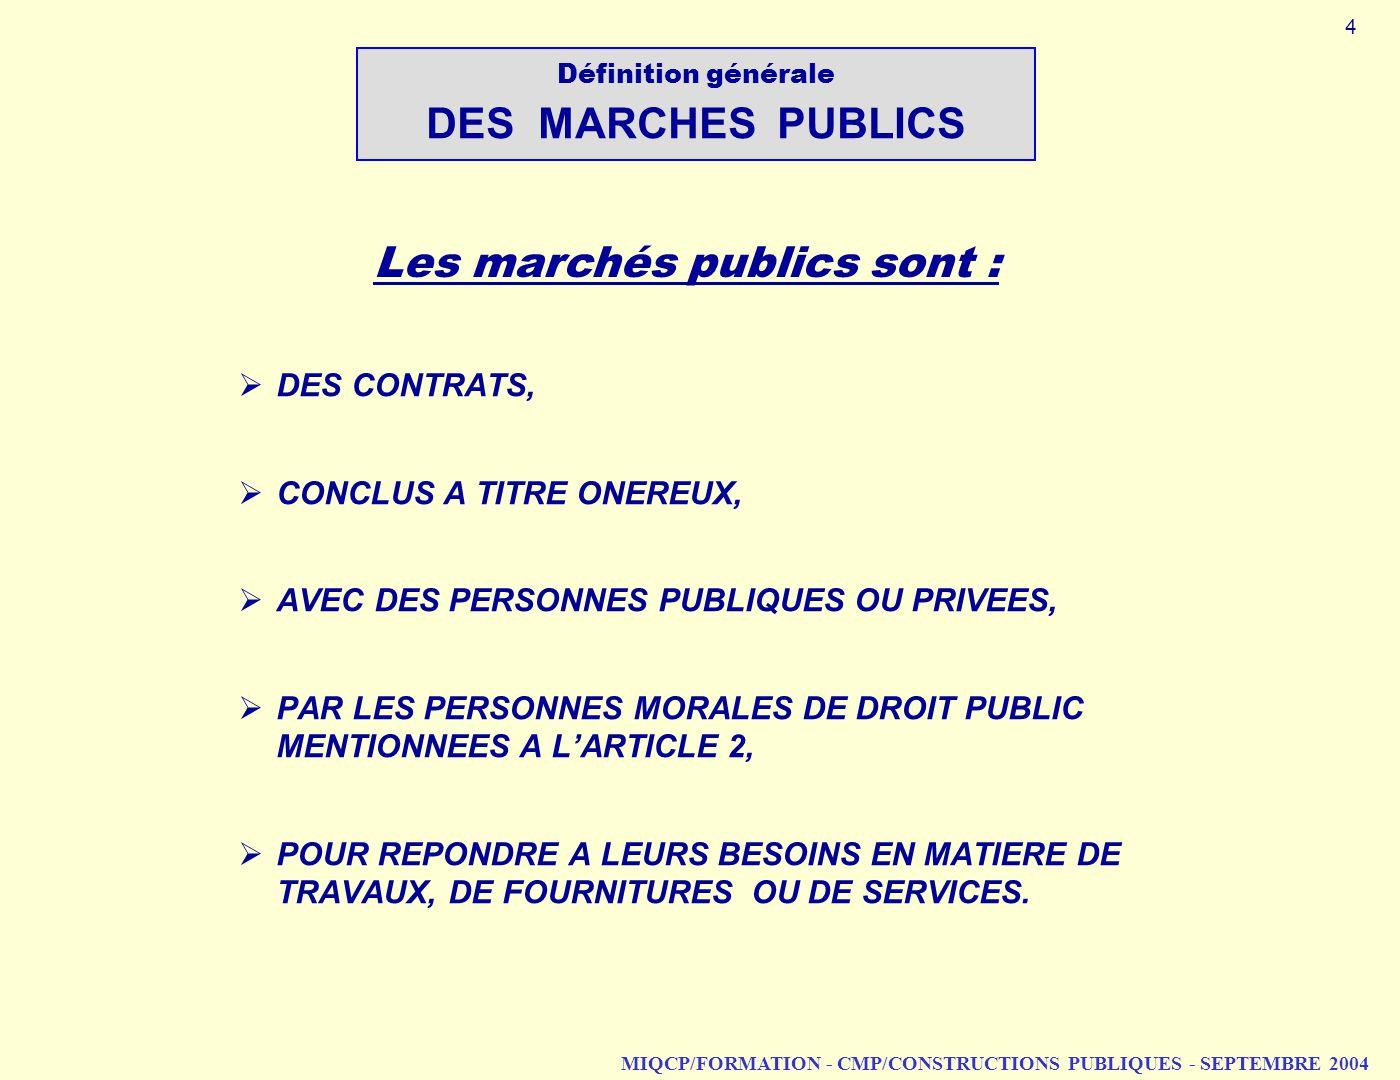 MIQCP/FORMATION - CMP/CONSTRUCTIONS PUBLIQUES - SEPTEMBRE 2004 DES CONTRATS, CONCLUS A TITRE ONEREUX, AVEC DES PERSONNES PUBLIQUES OU PRIVEES, PAR LES